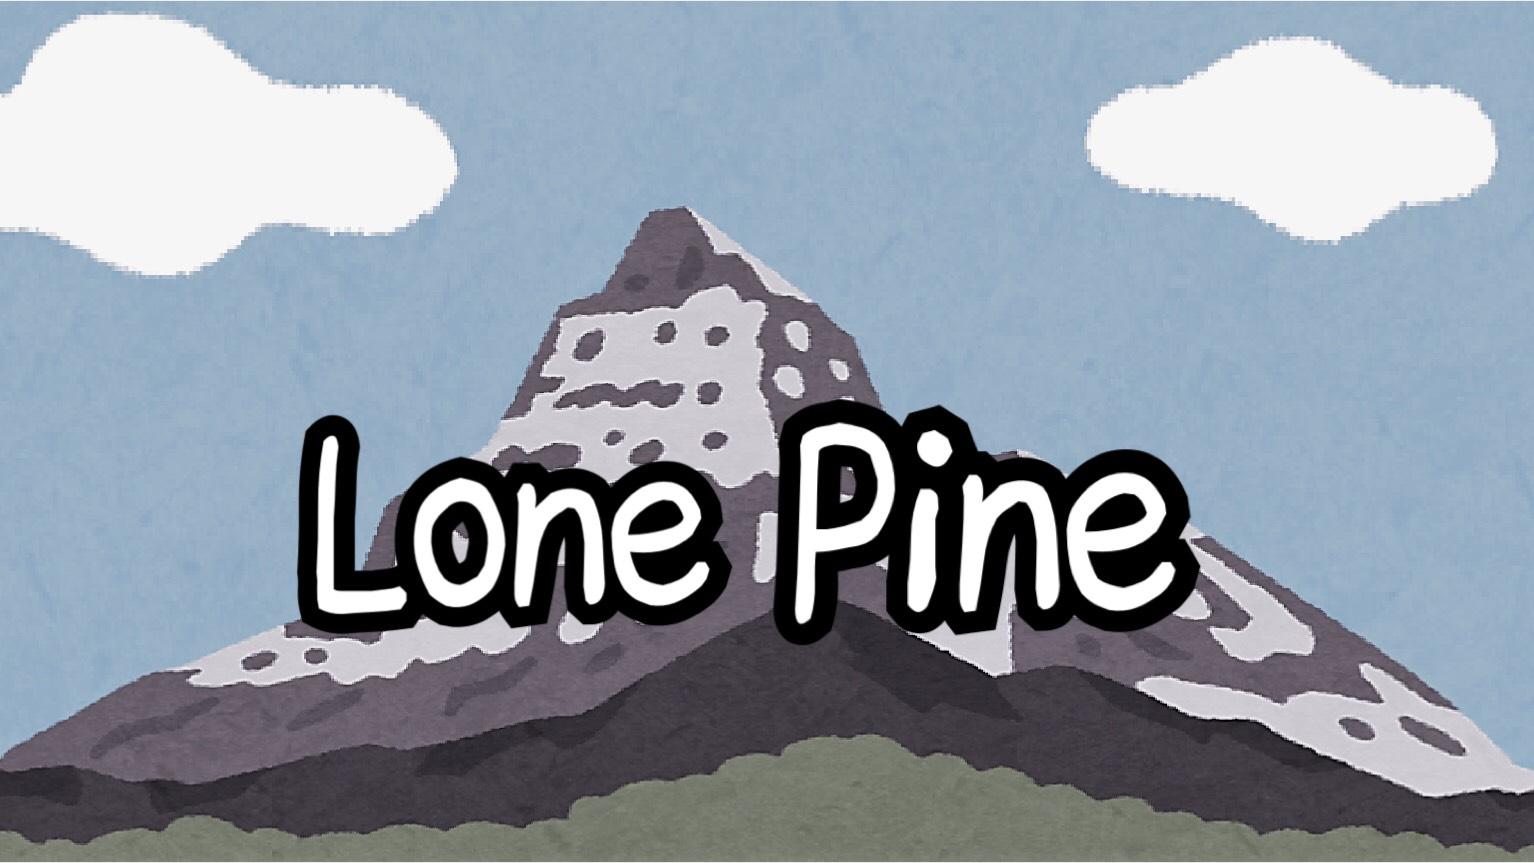 「Lone Pine」のイメージ